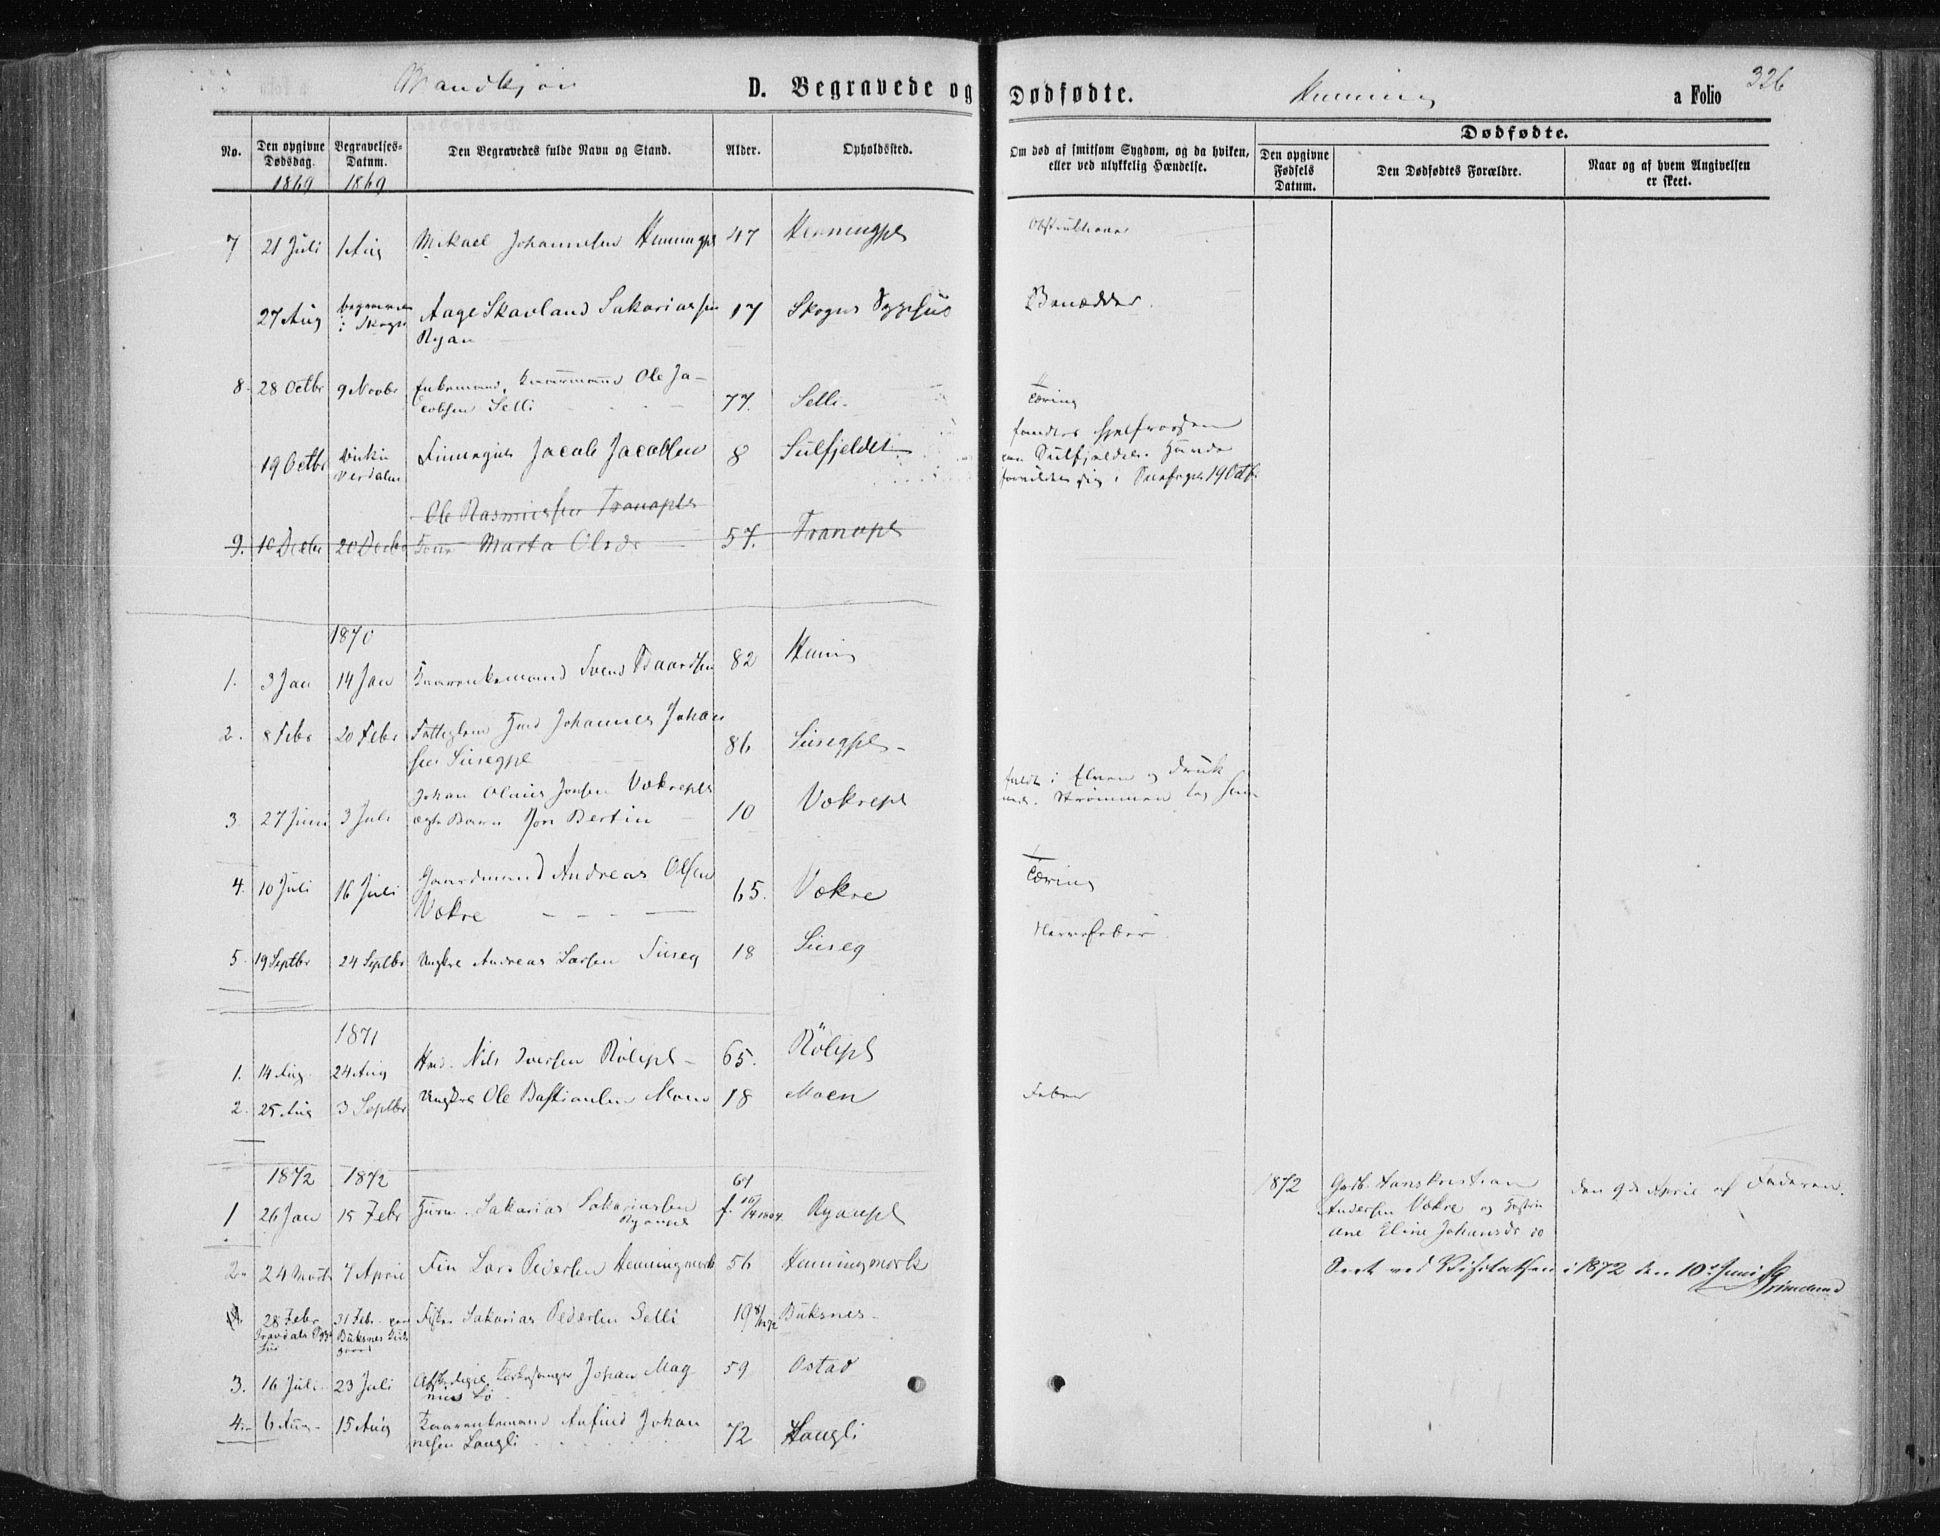 SAT, Ministerialprotokoller, klokkerbøker og fødselsregistre - Nord-Trøndelag, 735/L0345: Ministerialbok nr. 735A08 /3, 1863-1872, s. 326